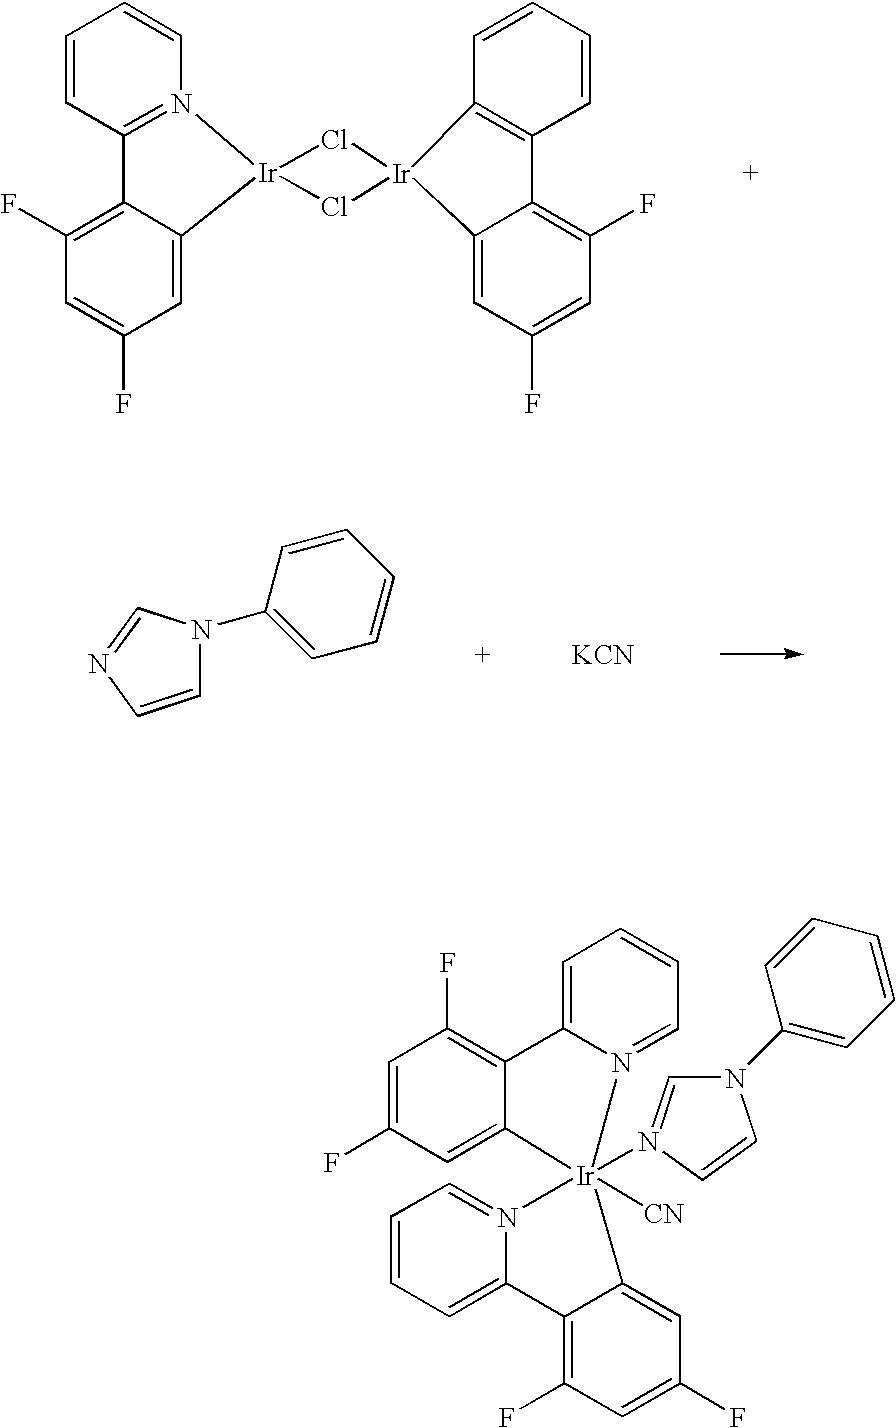 Figure US20050112406A1-20050526-C00023